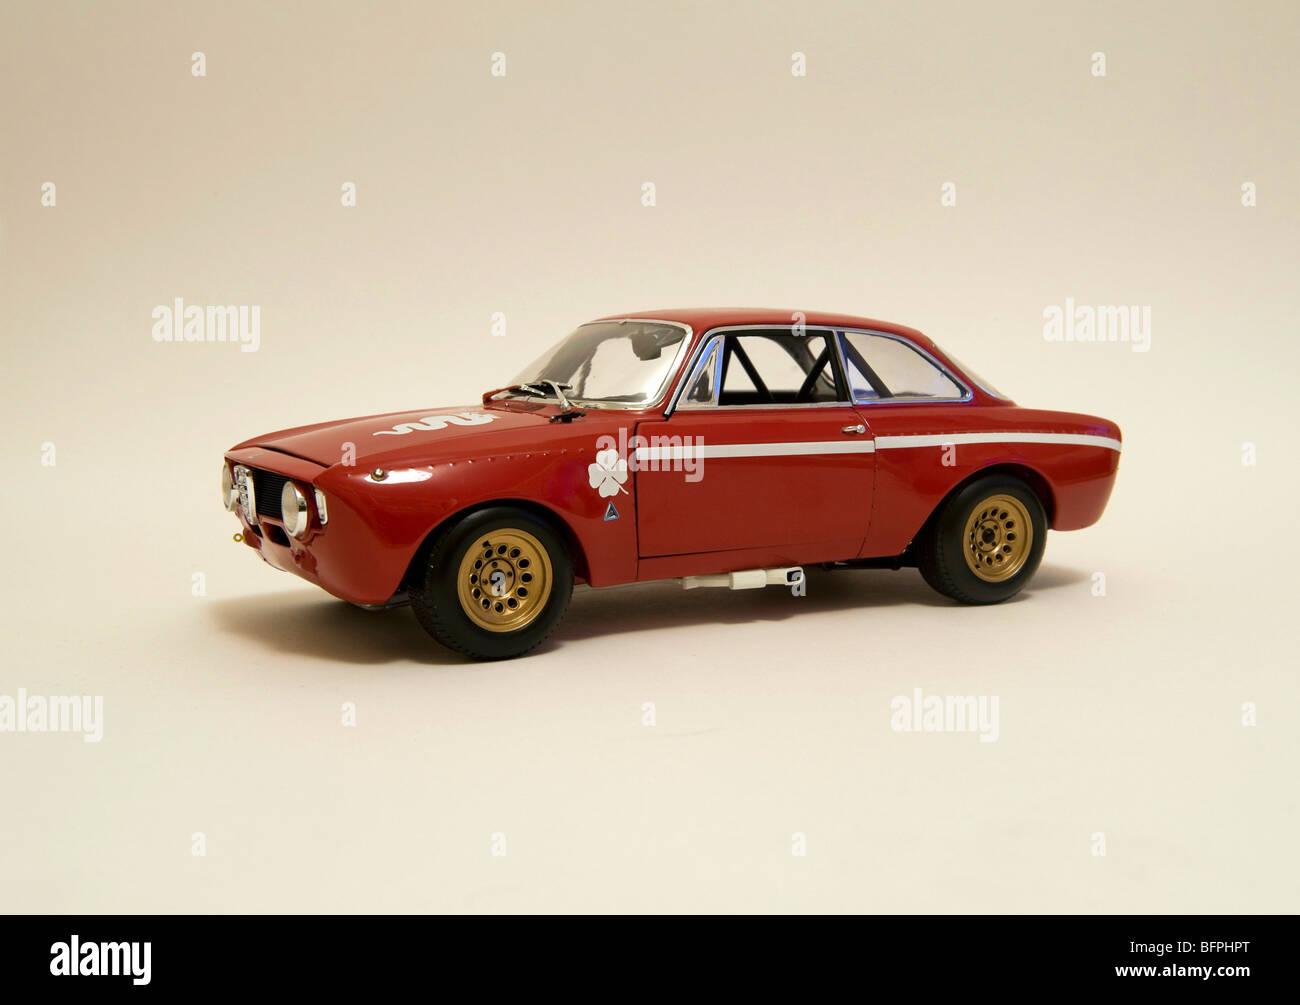 ALFA ROMEO GTA 1300 JUNIOR 1972 rot Modell Stockbild